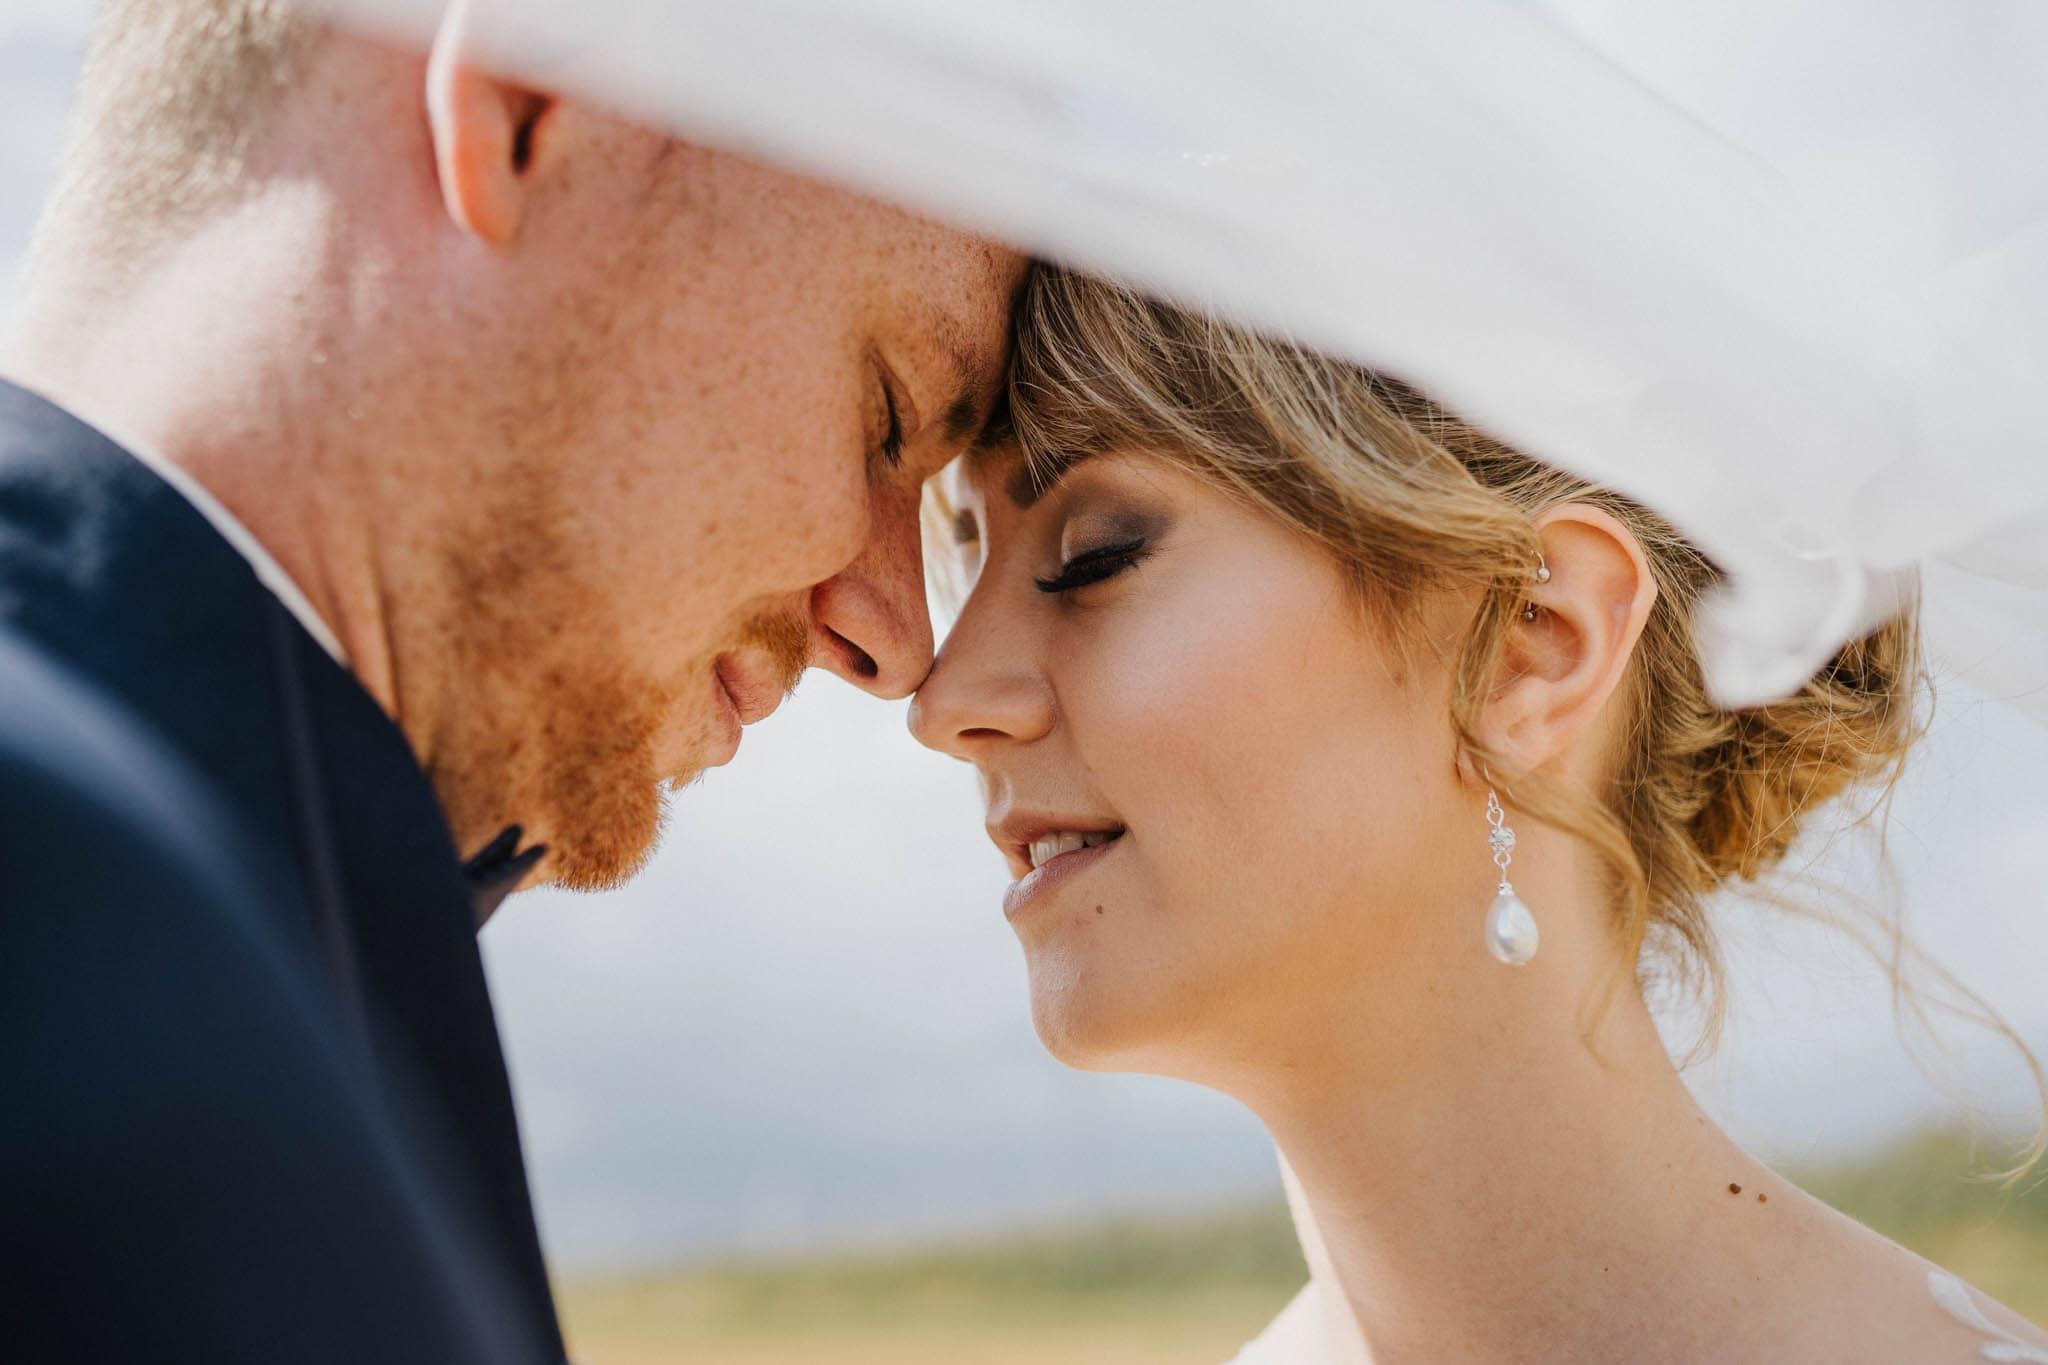 Hochzeitsfieber by Photo-Schomburg, Hoichzeitsfotograf, Hamburg, Wedding, Weddingtime, Hochzeitspaar, Braut, Bräutigam, Hochzeit im Norden,-81